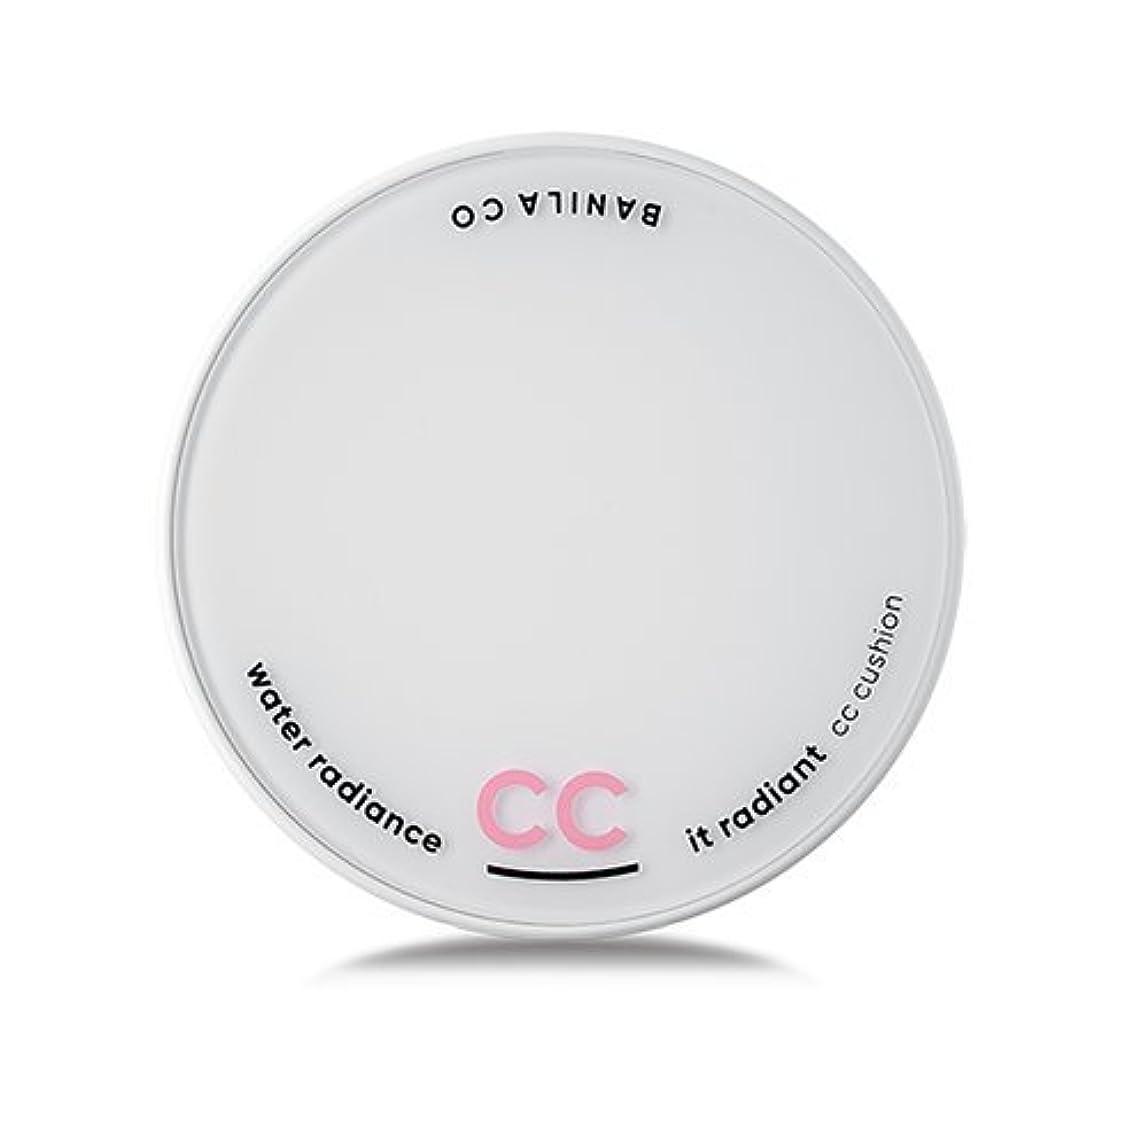 ウナギコスチュームバケット[Renewal] BANILA CO It Radiant CC Cushion 15g + Refill 15g/バニラコ イット ラディアント CC クッション 15g + リフィル 15g (#Light Beige...